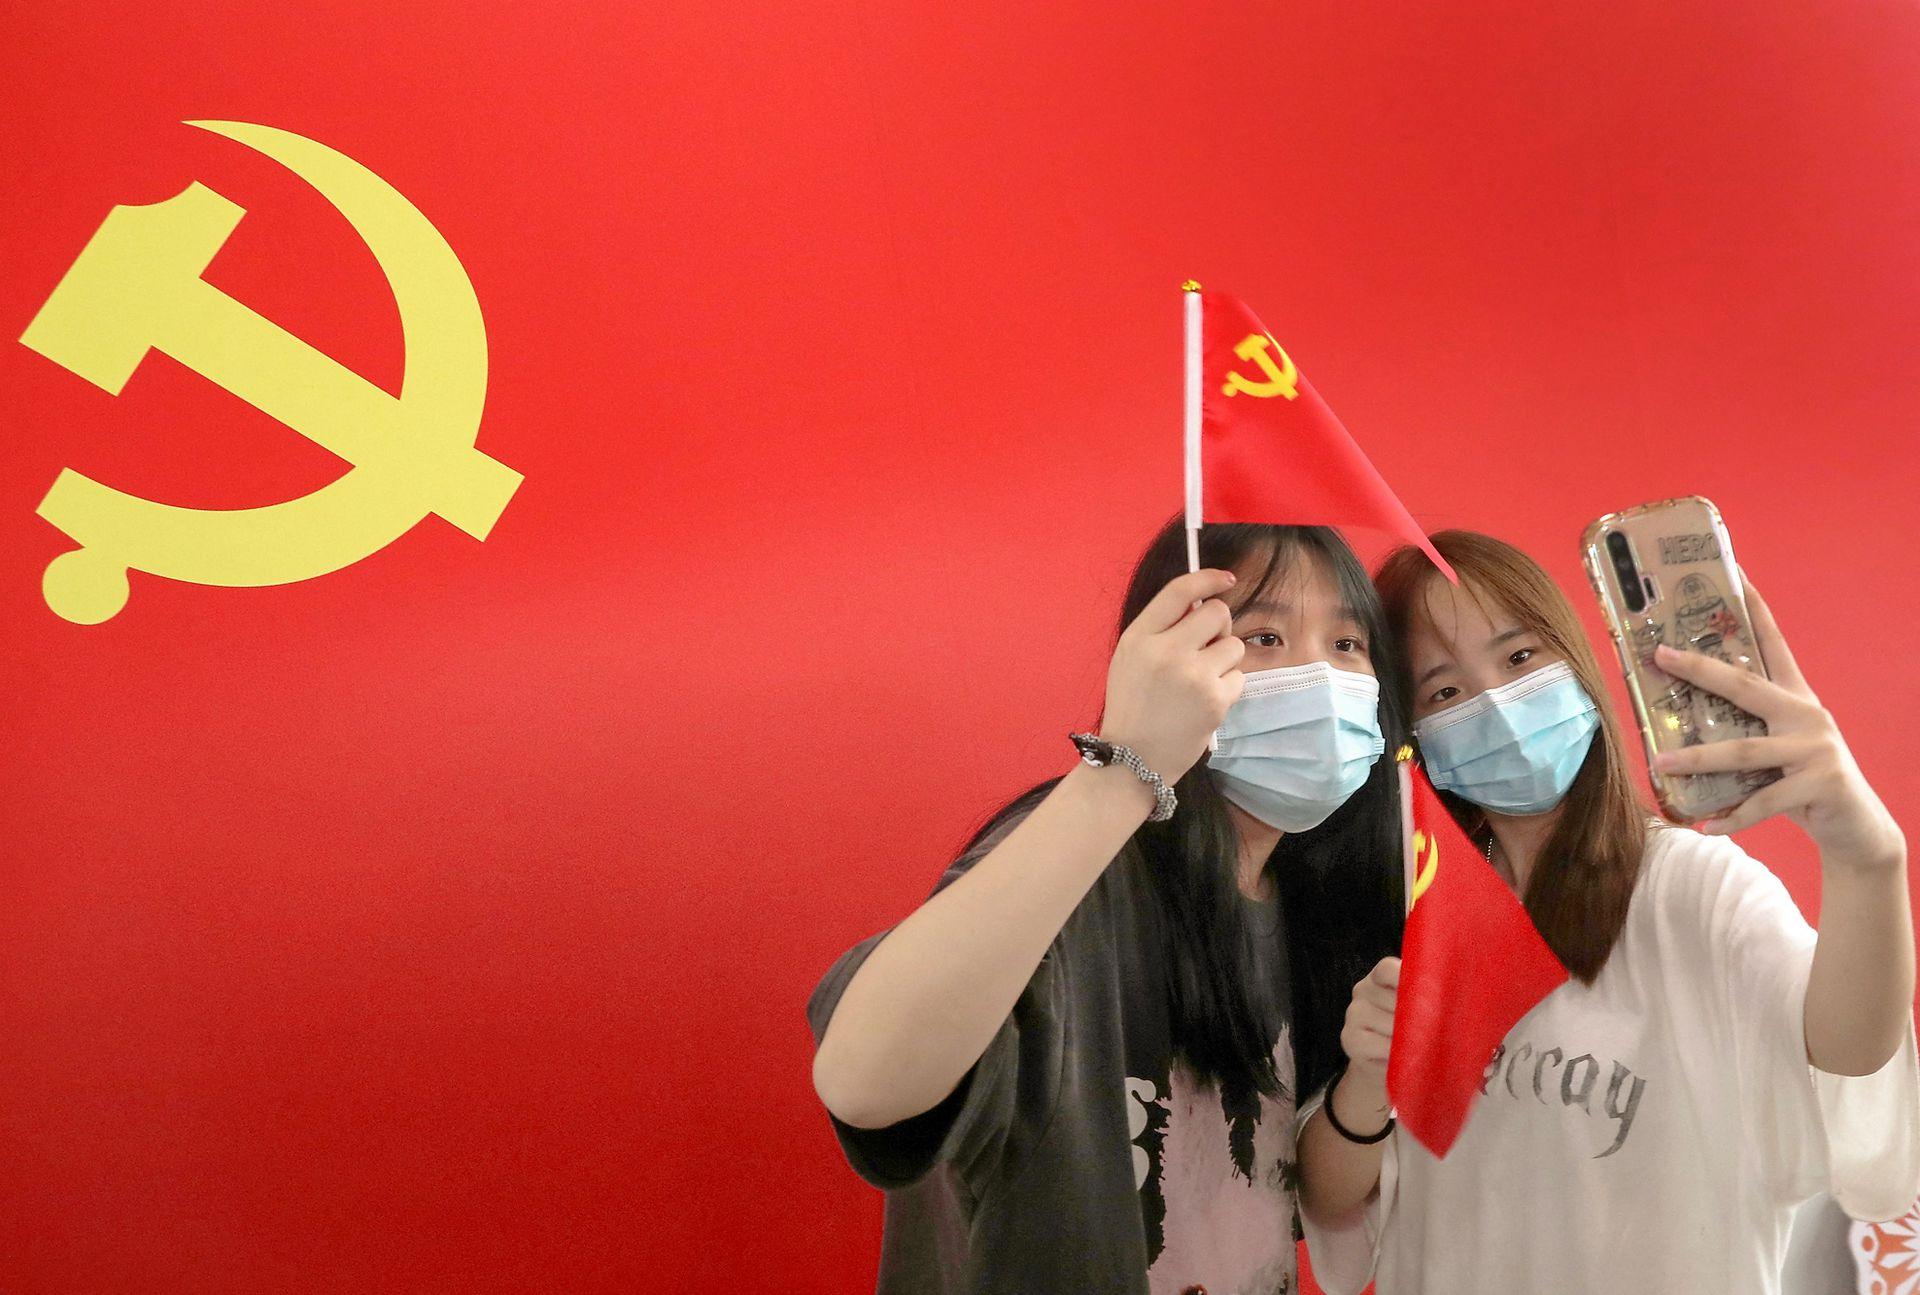 Dos jóves se toman una selfie con la bandera de fondo